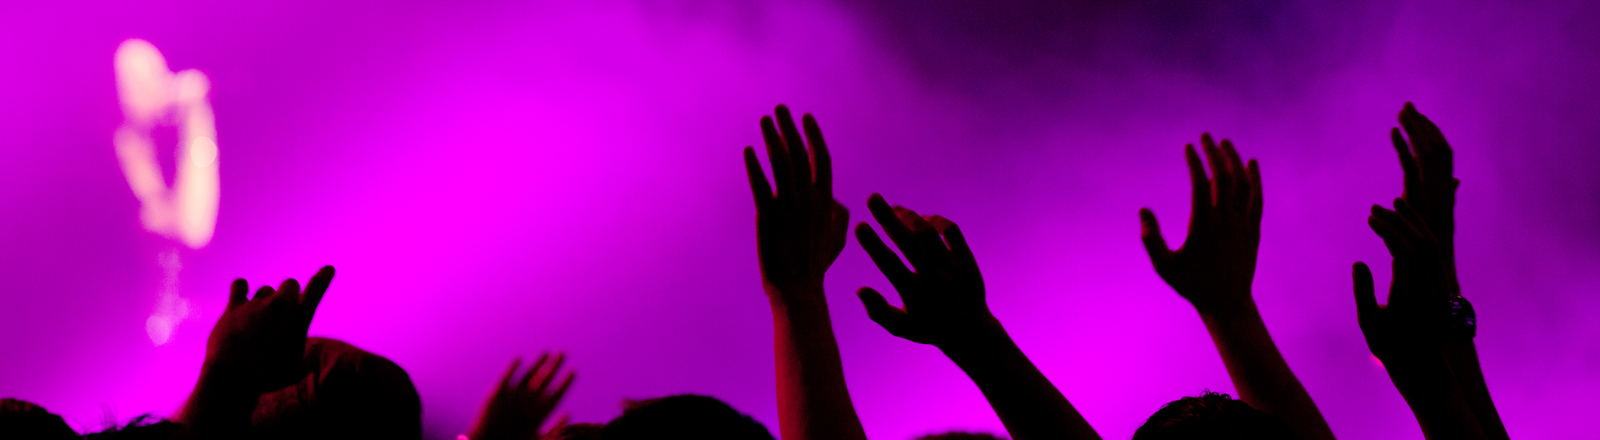 Fans auf einem Rockkonzert reißen die Arme in die Luft